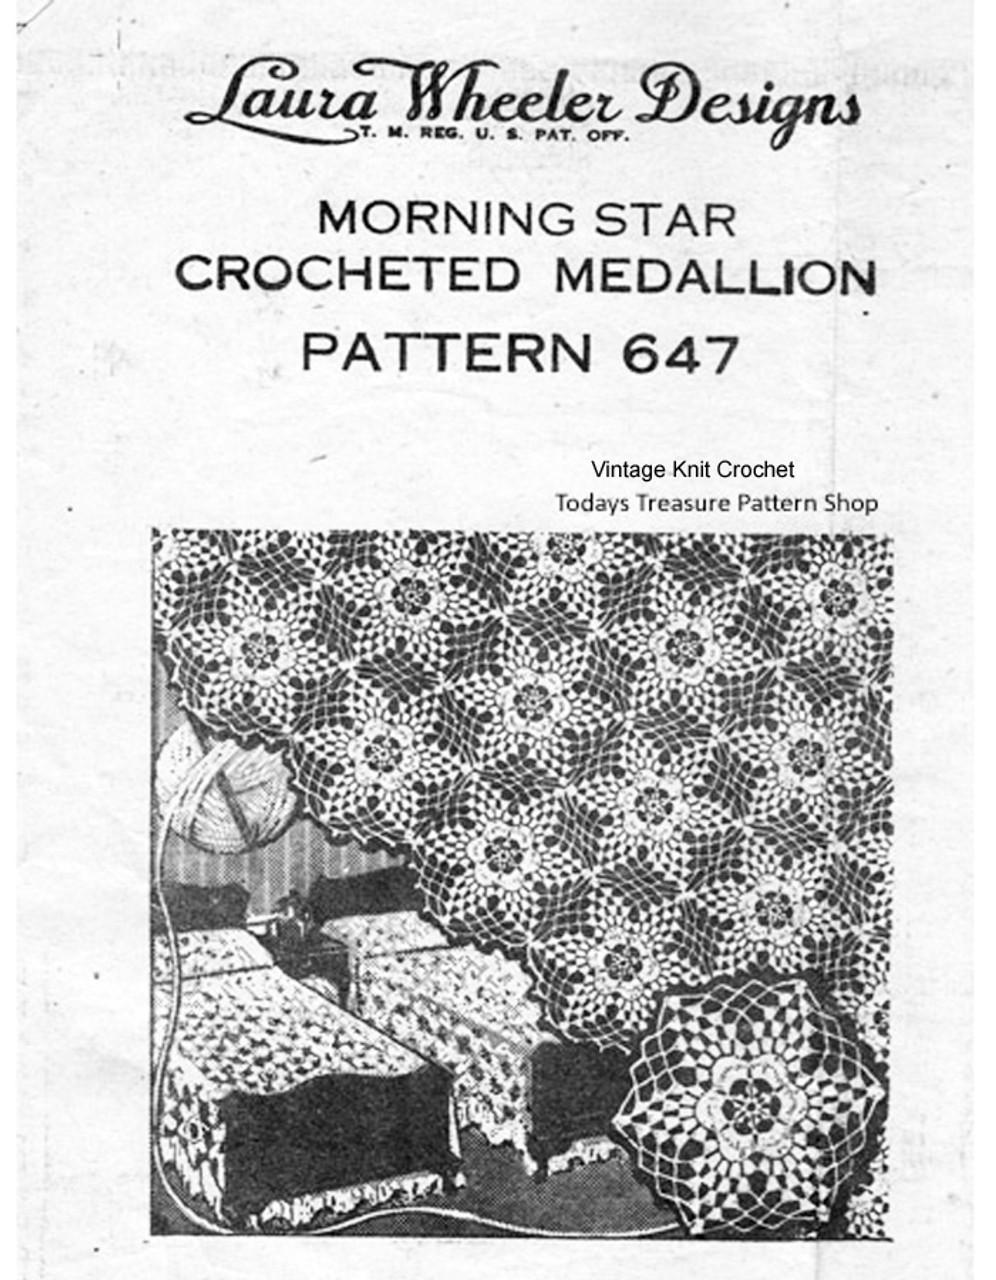 Morning Star Crochet Bedspread Pattern, Mail Order 647